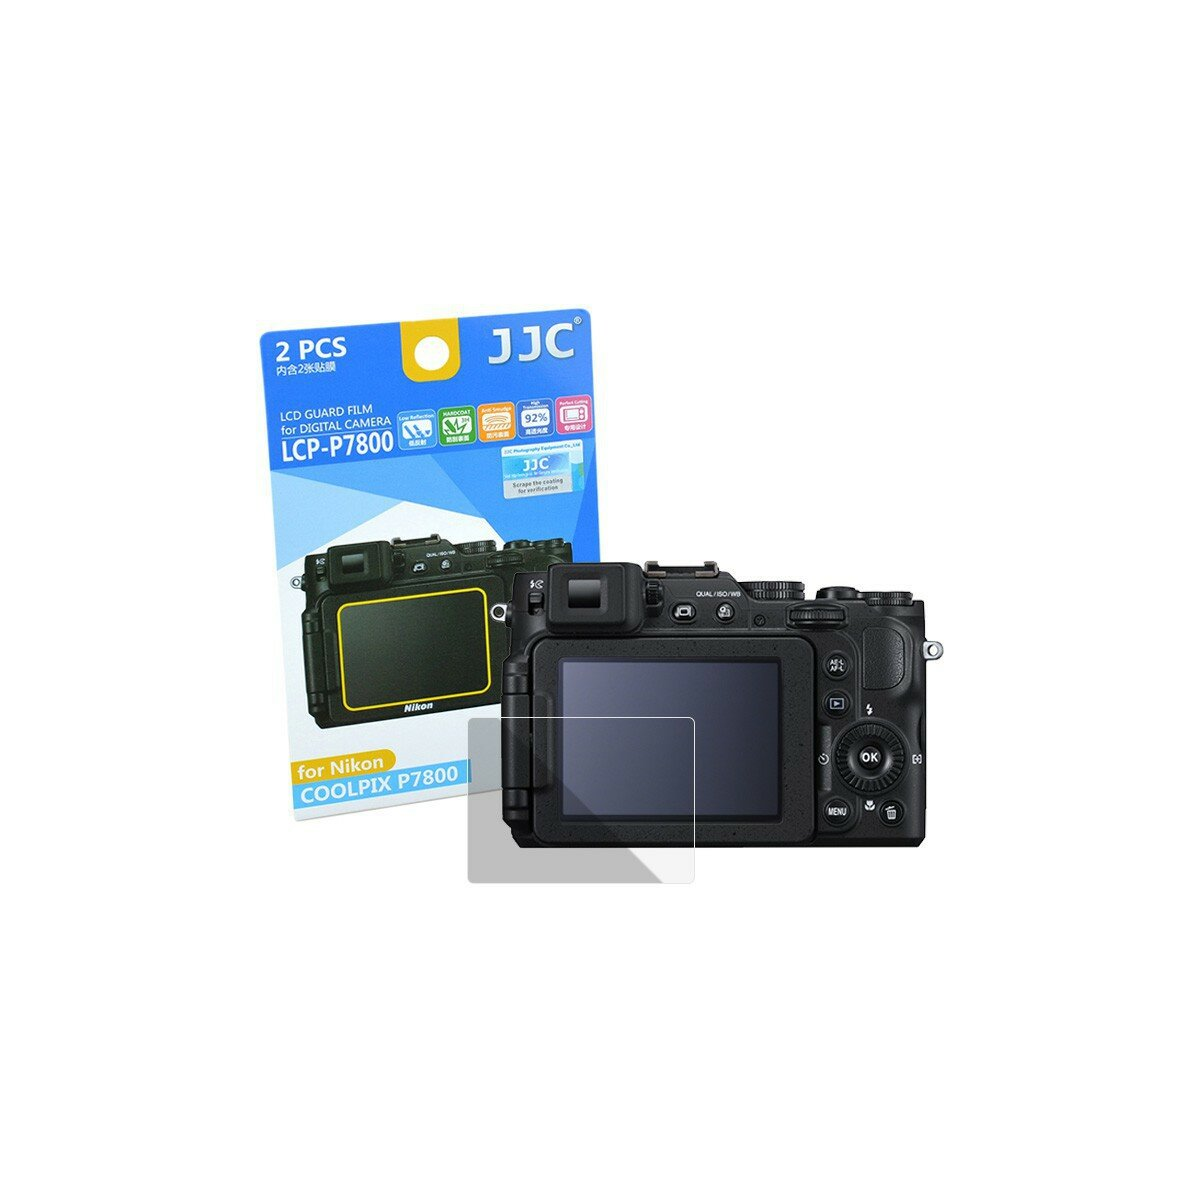 JJC Displayschutzfolie Screen Protector Kratzschutz passgenau kompatibel mit Nikon P7800 - LCP-P7800